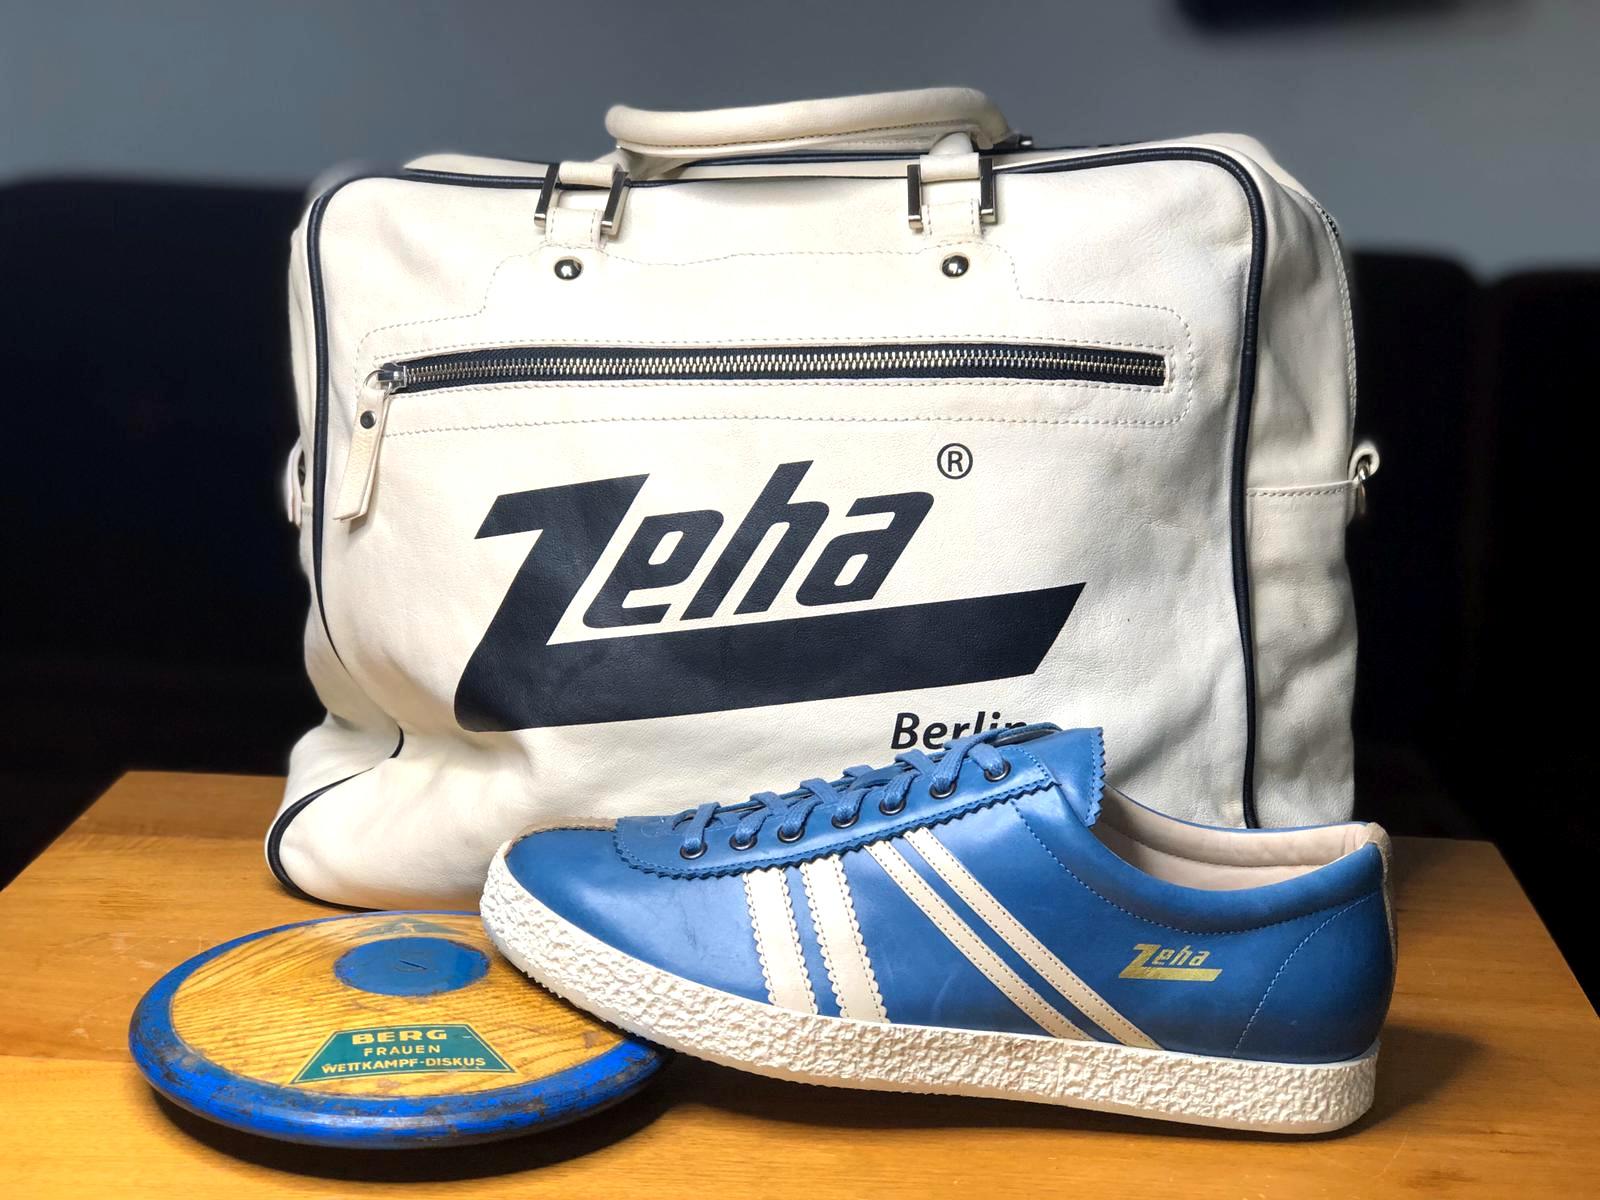 Zeha Berlin Low-Top Sneaker Rekord